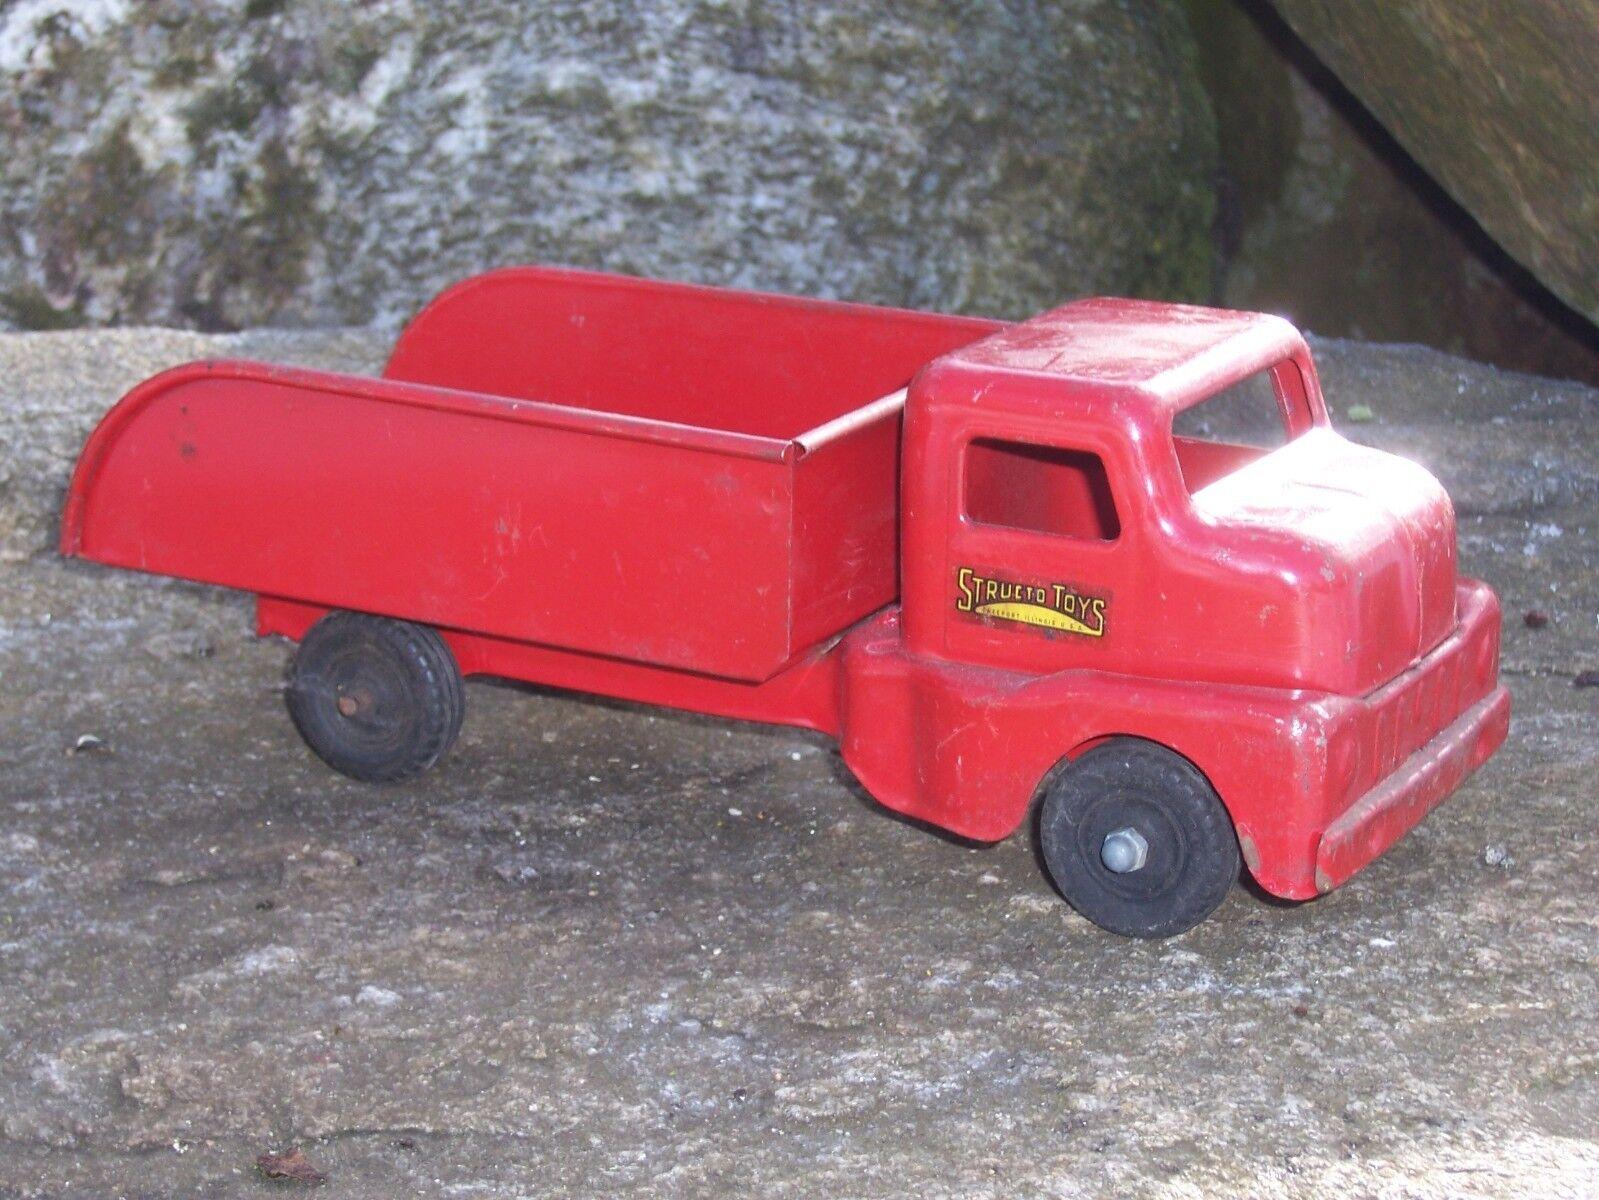 Antiguo Vintage Structo Camión Freeport Illinois Chapa De Acero Structo Camión De Juguete